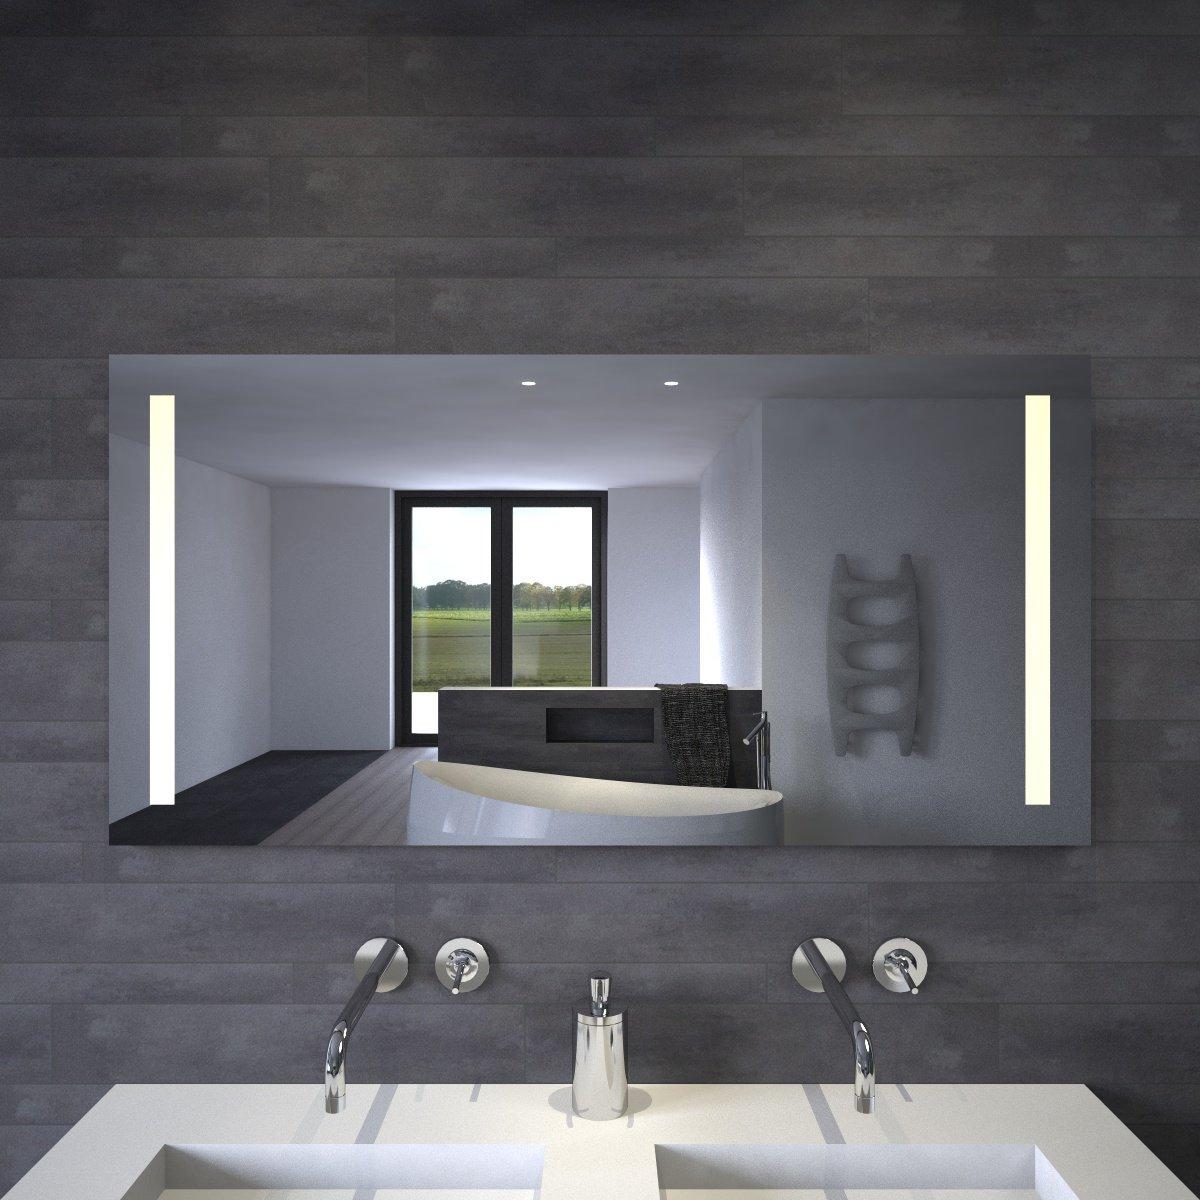 Maatwerk spiegel met LED verlichting links en rechts - Designspiegels